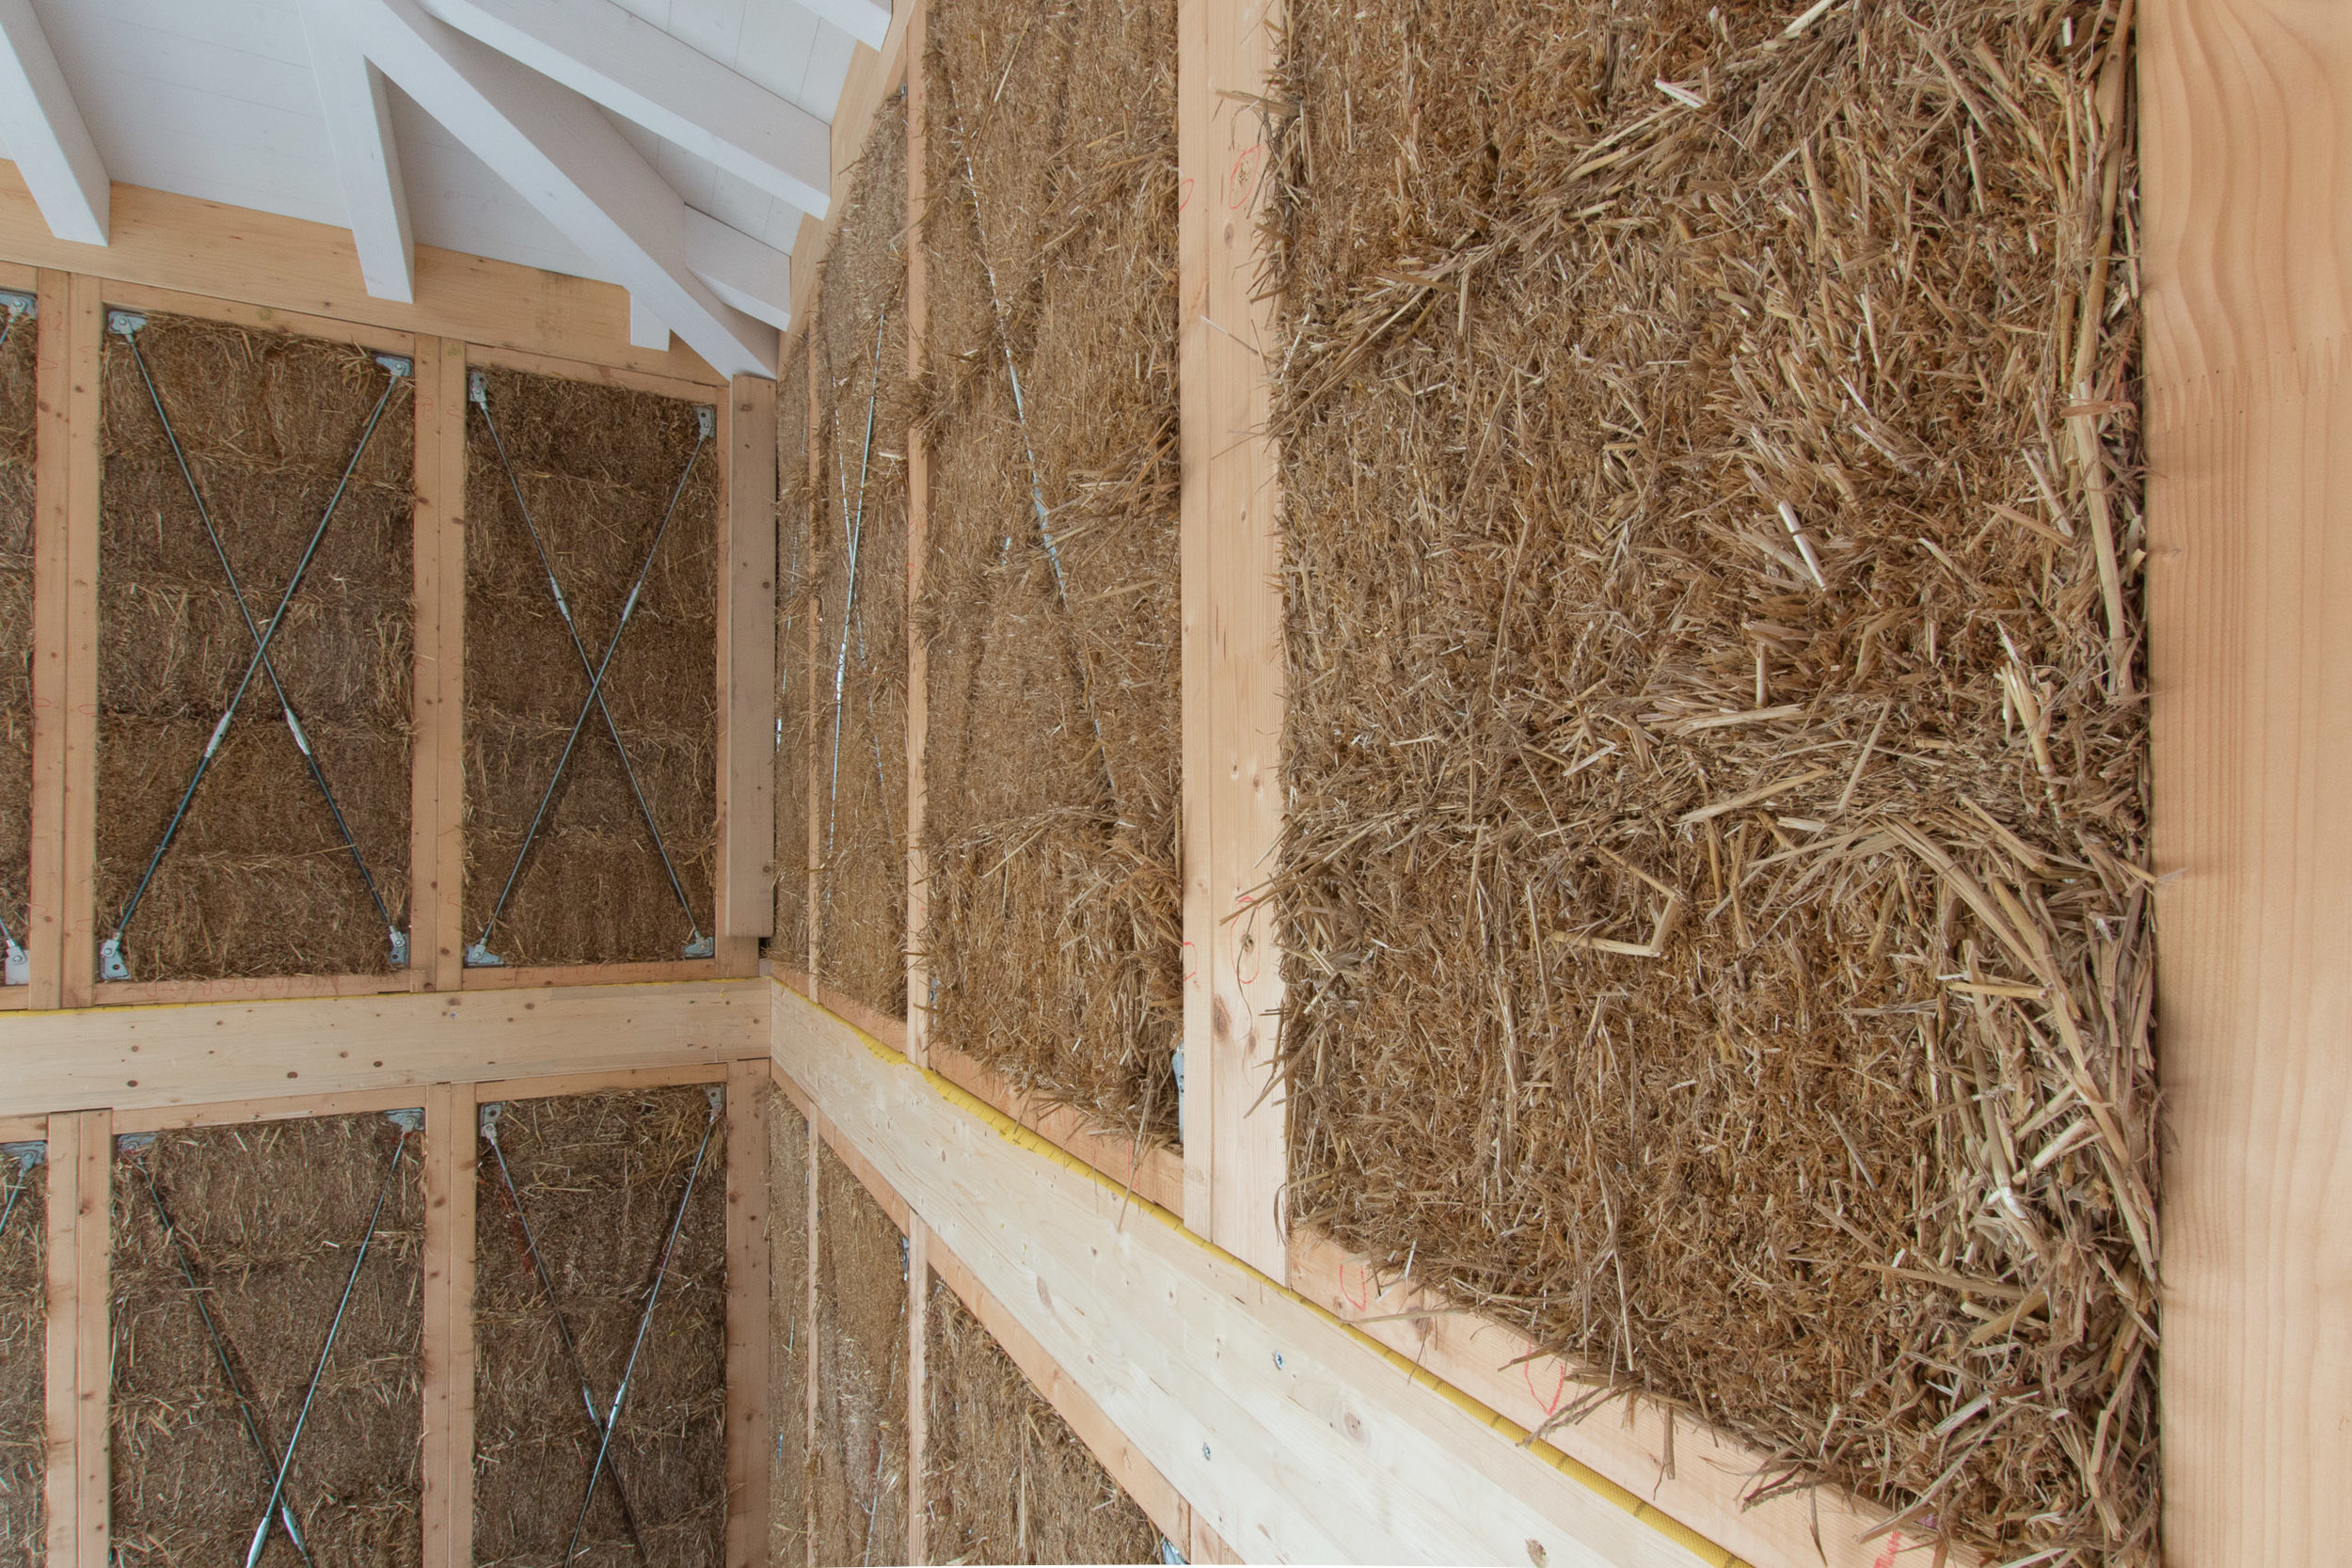 Il cordolo interpiano in legno che unisce i muri del piano terra a quelli del primo piano